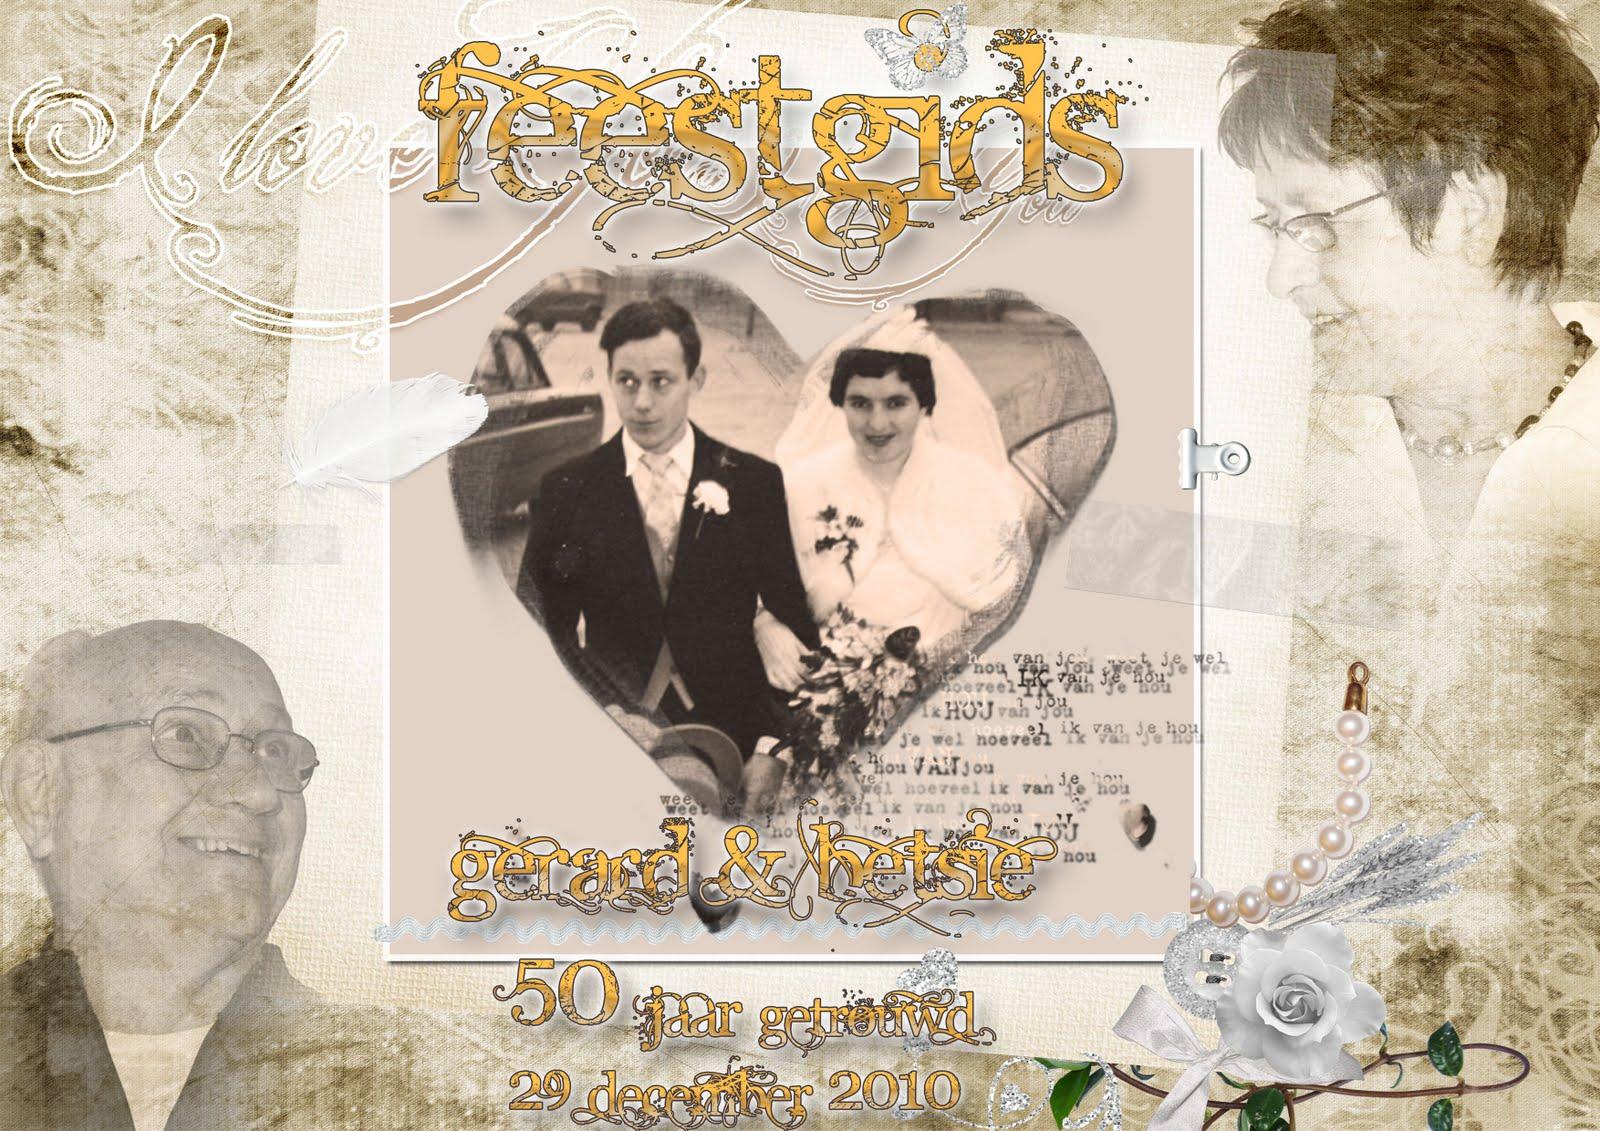 feestgids 25 jarig huwelijk Collage 50 Jaar Getrouwd   ARCHIDEV feestgids 25 jarig huwelijk